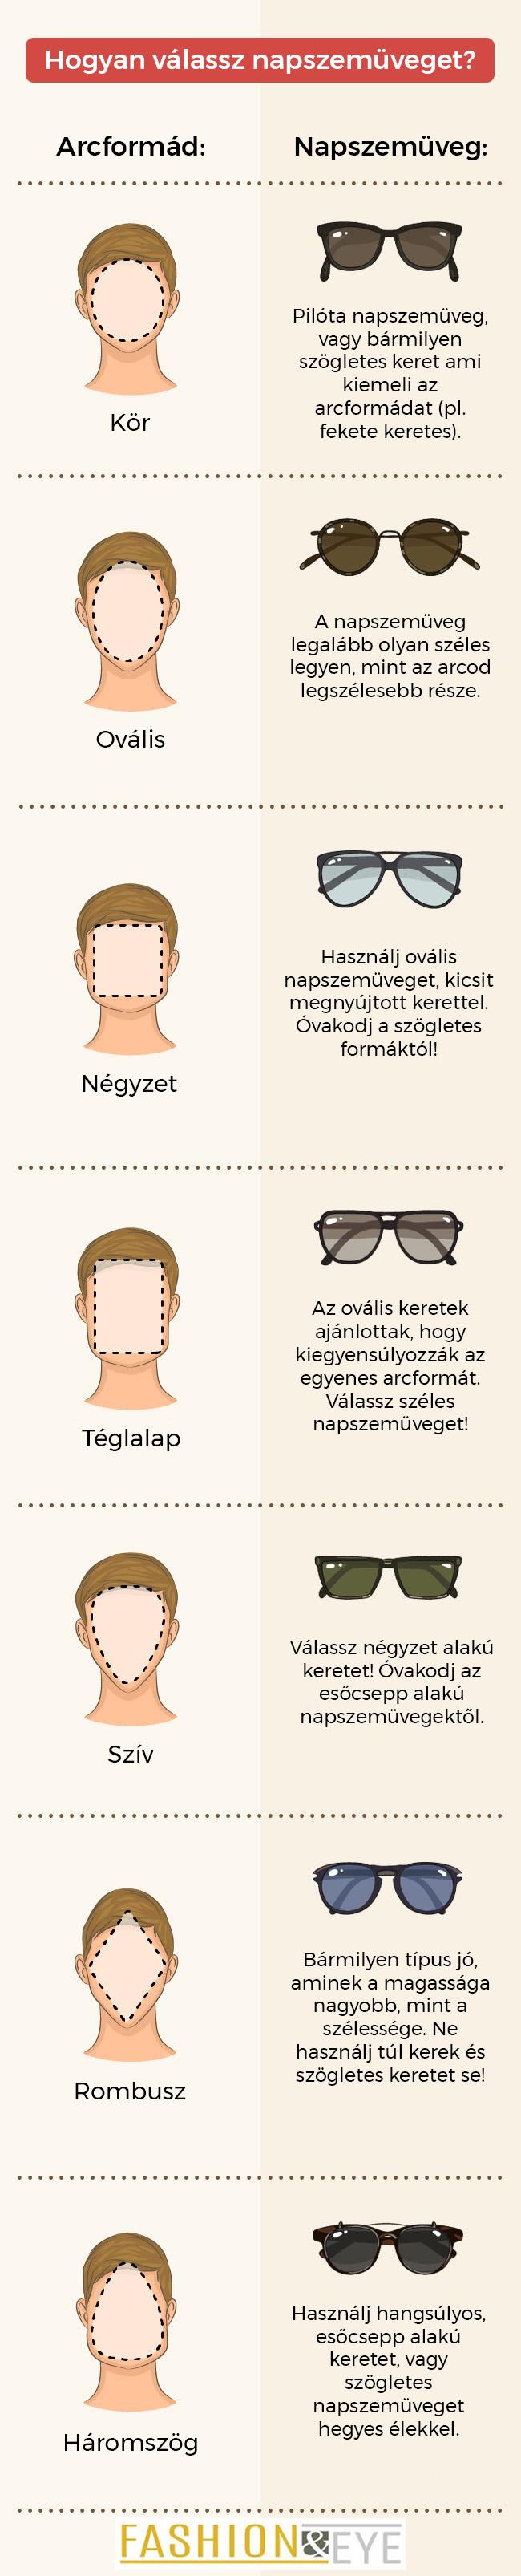 hogyan válasszak napszemüveget arcformámhoz